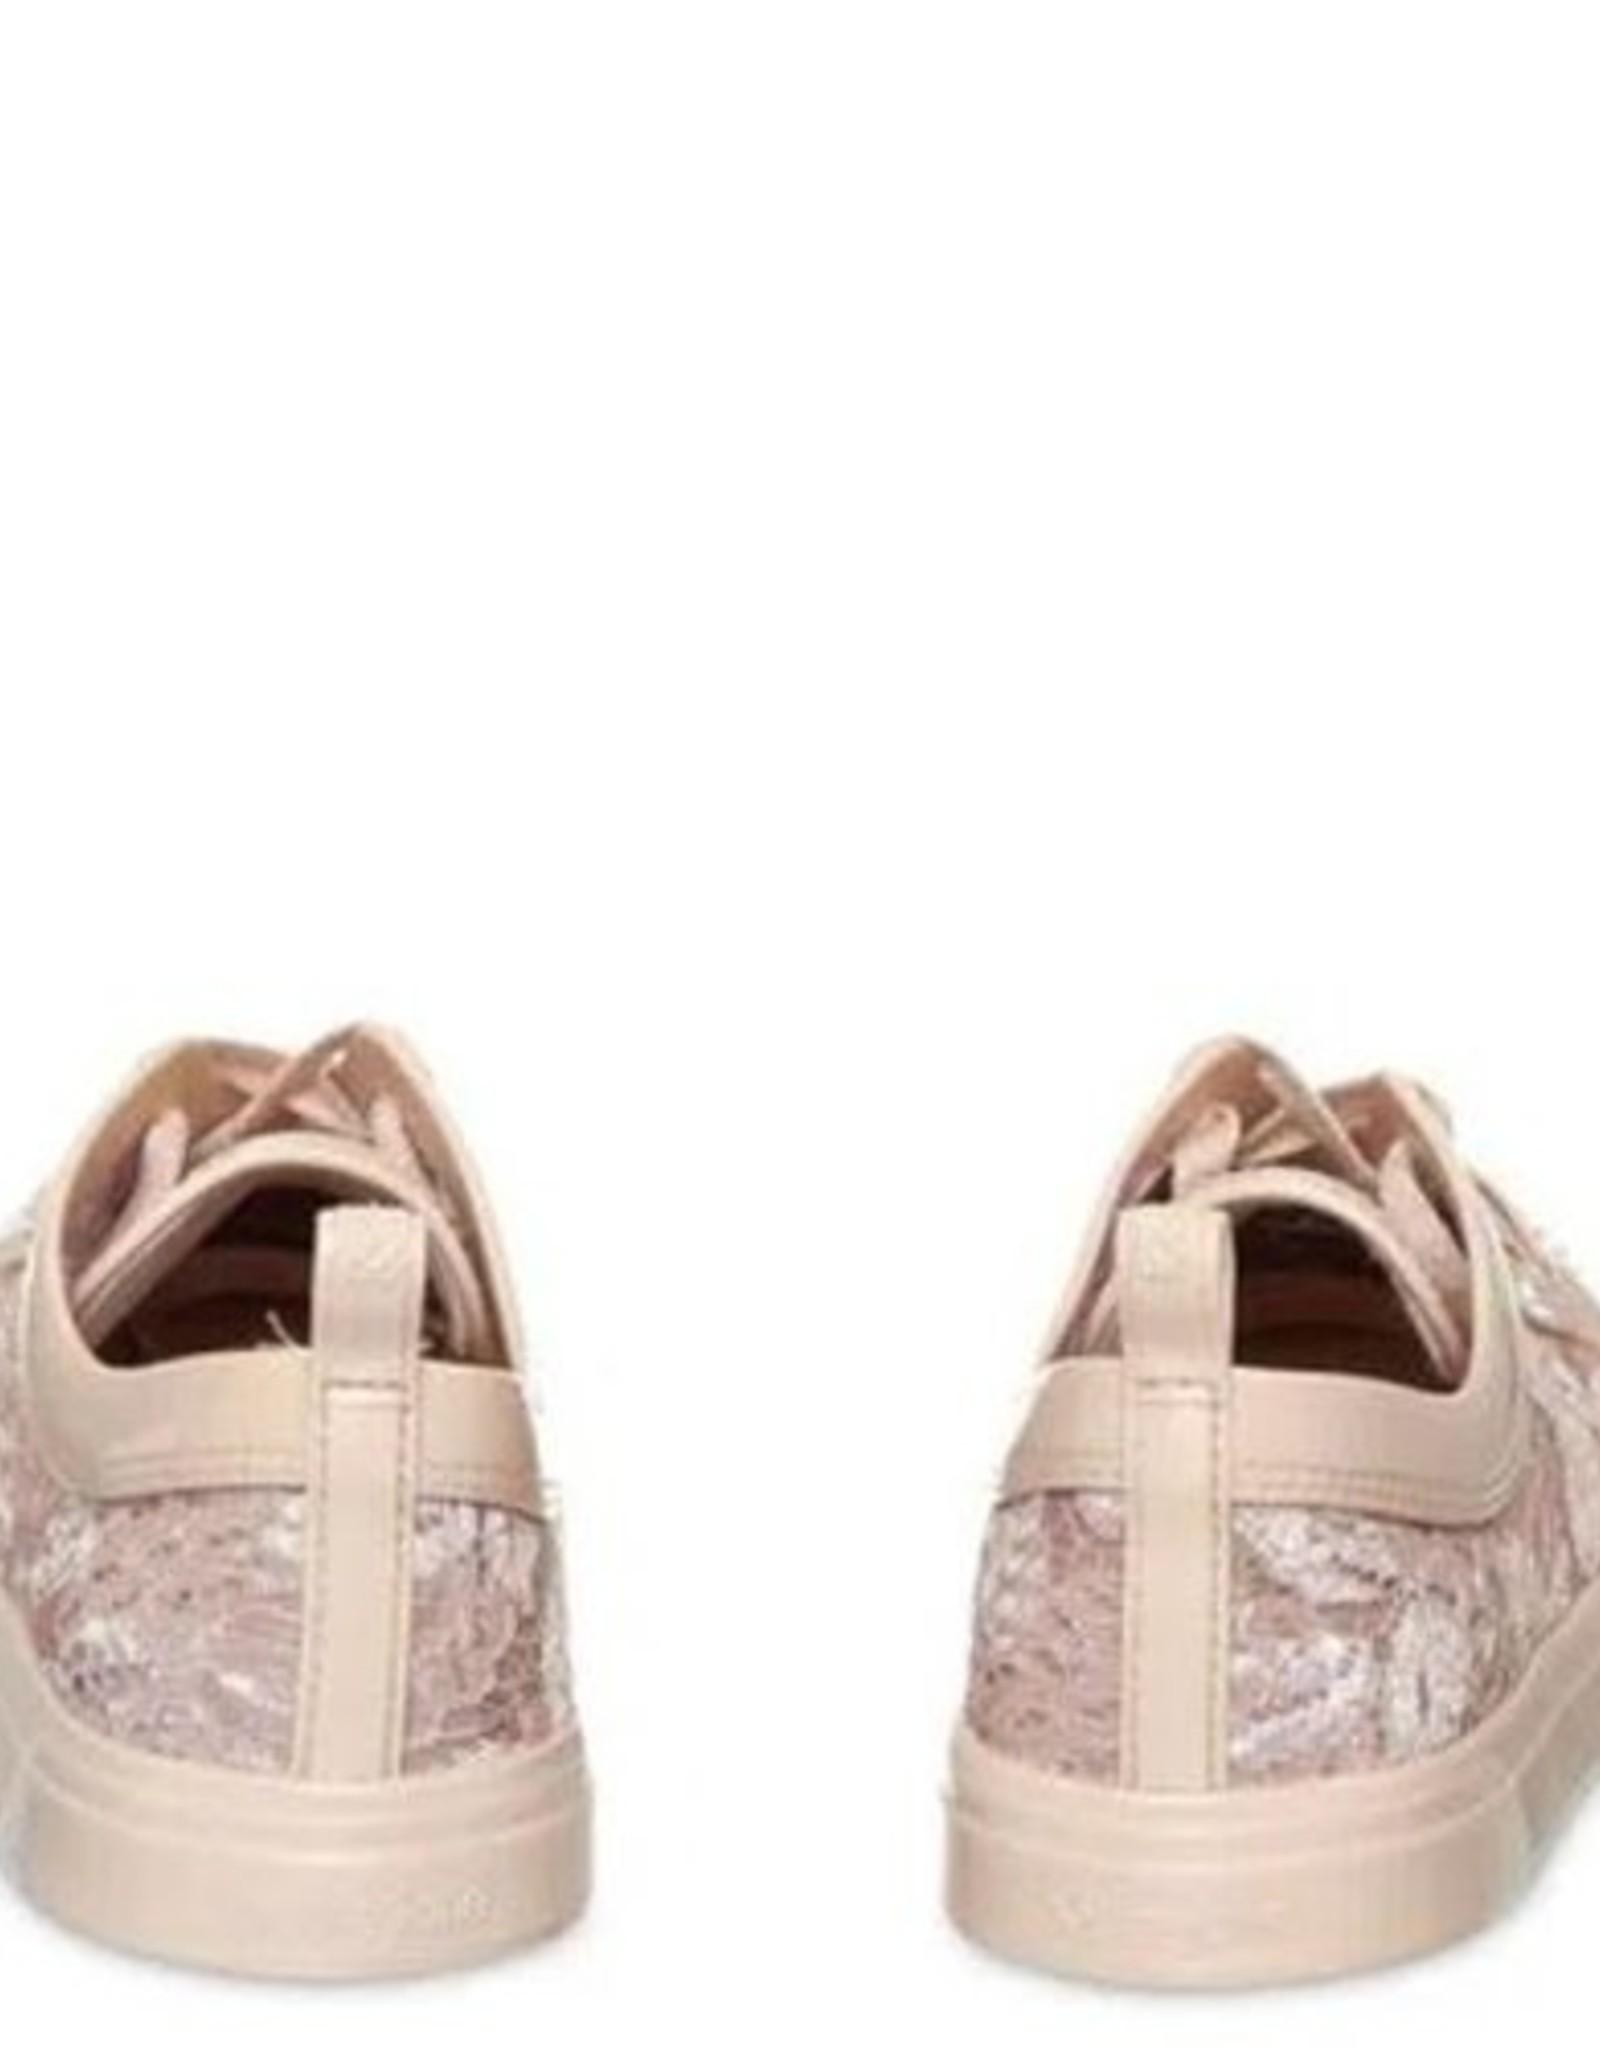 Fairbanks Sneaker